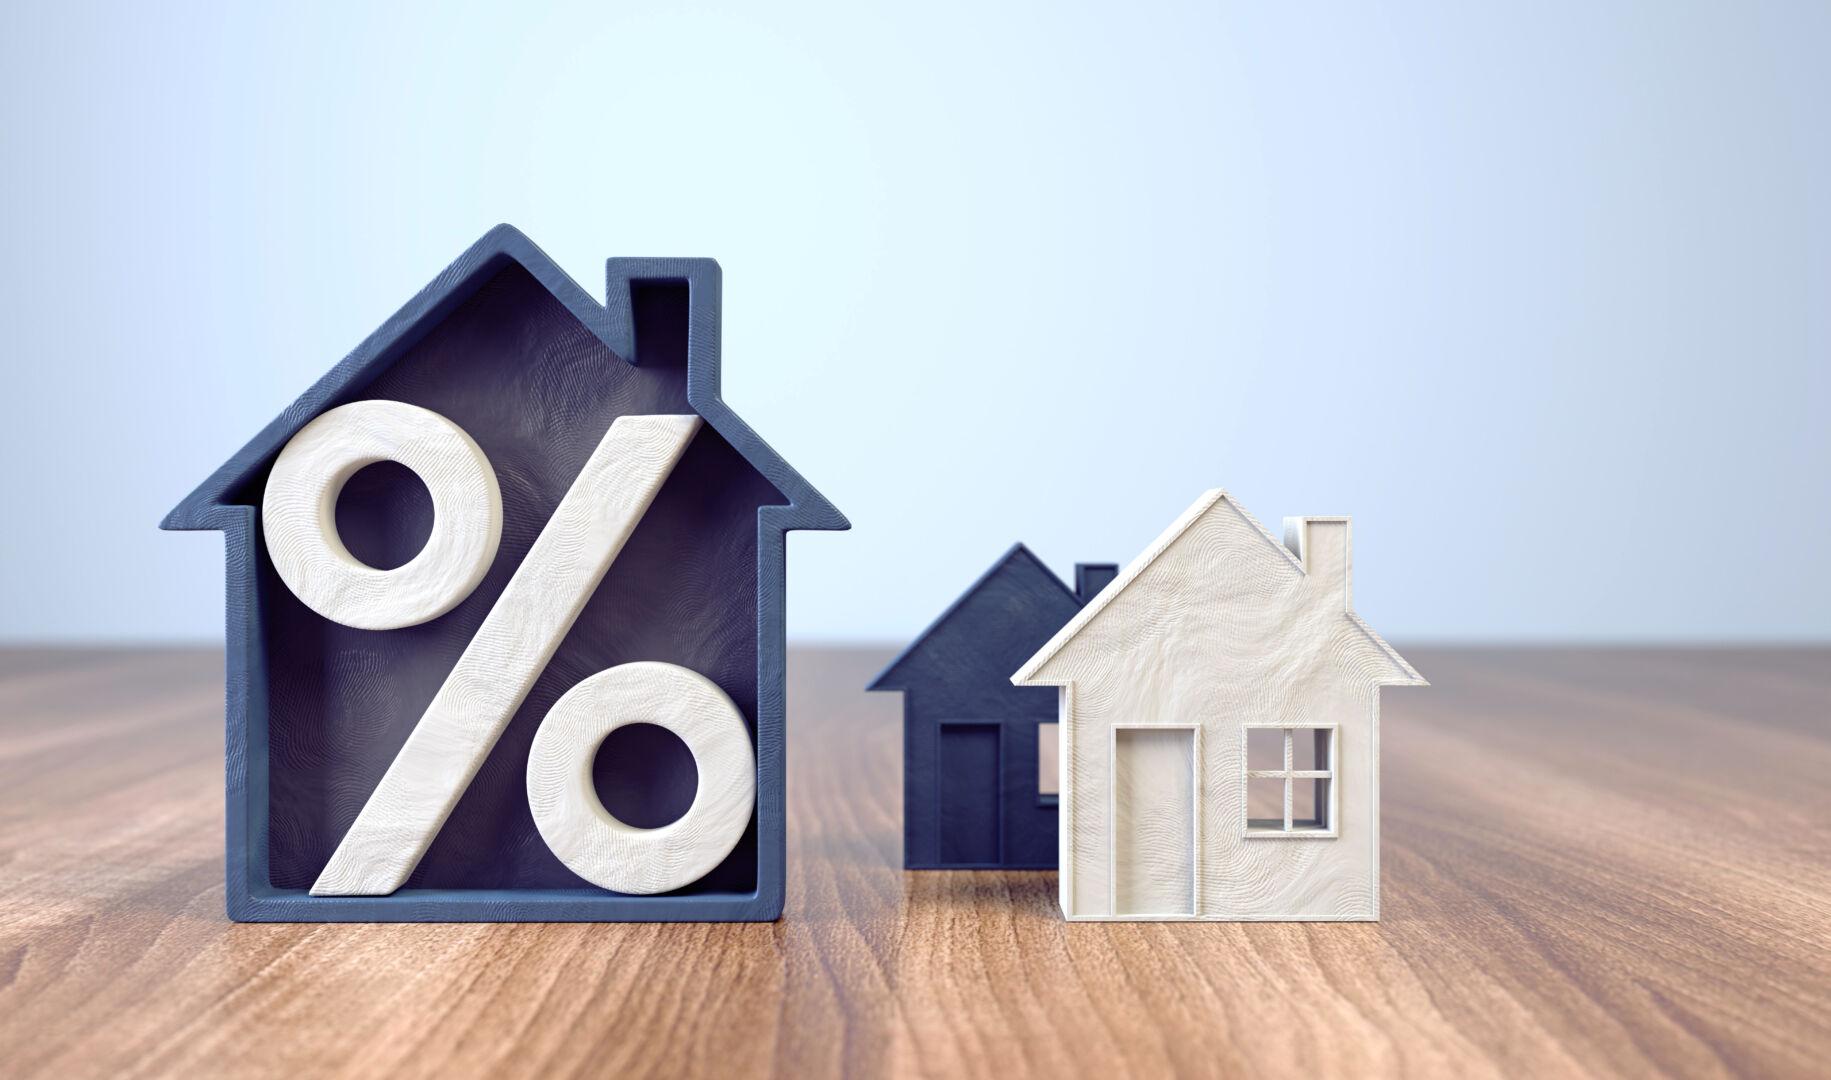 Crédit immobilier : la FNAIM salue le revirement prudent du HCSF, une étape indispensable pour éviter une cassure durable du marché de l'immobilier